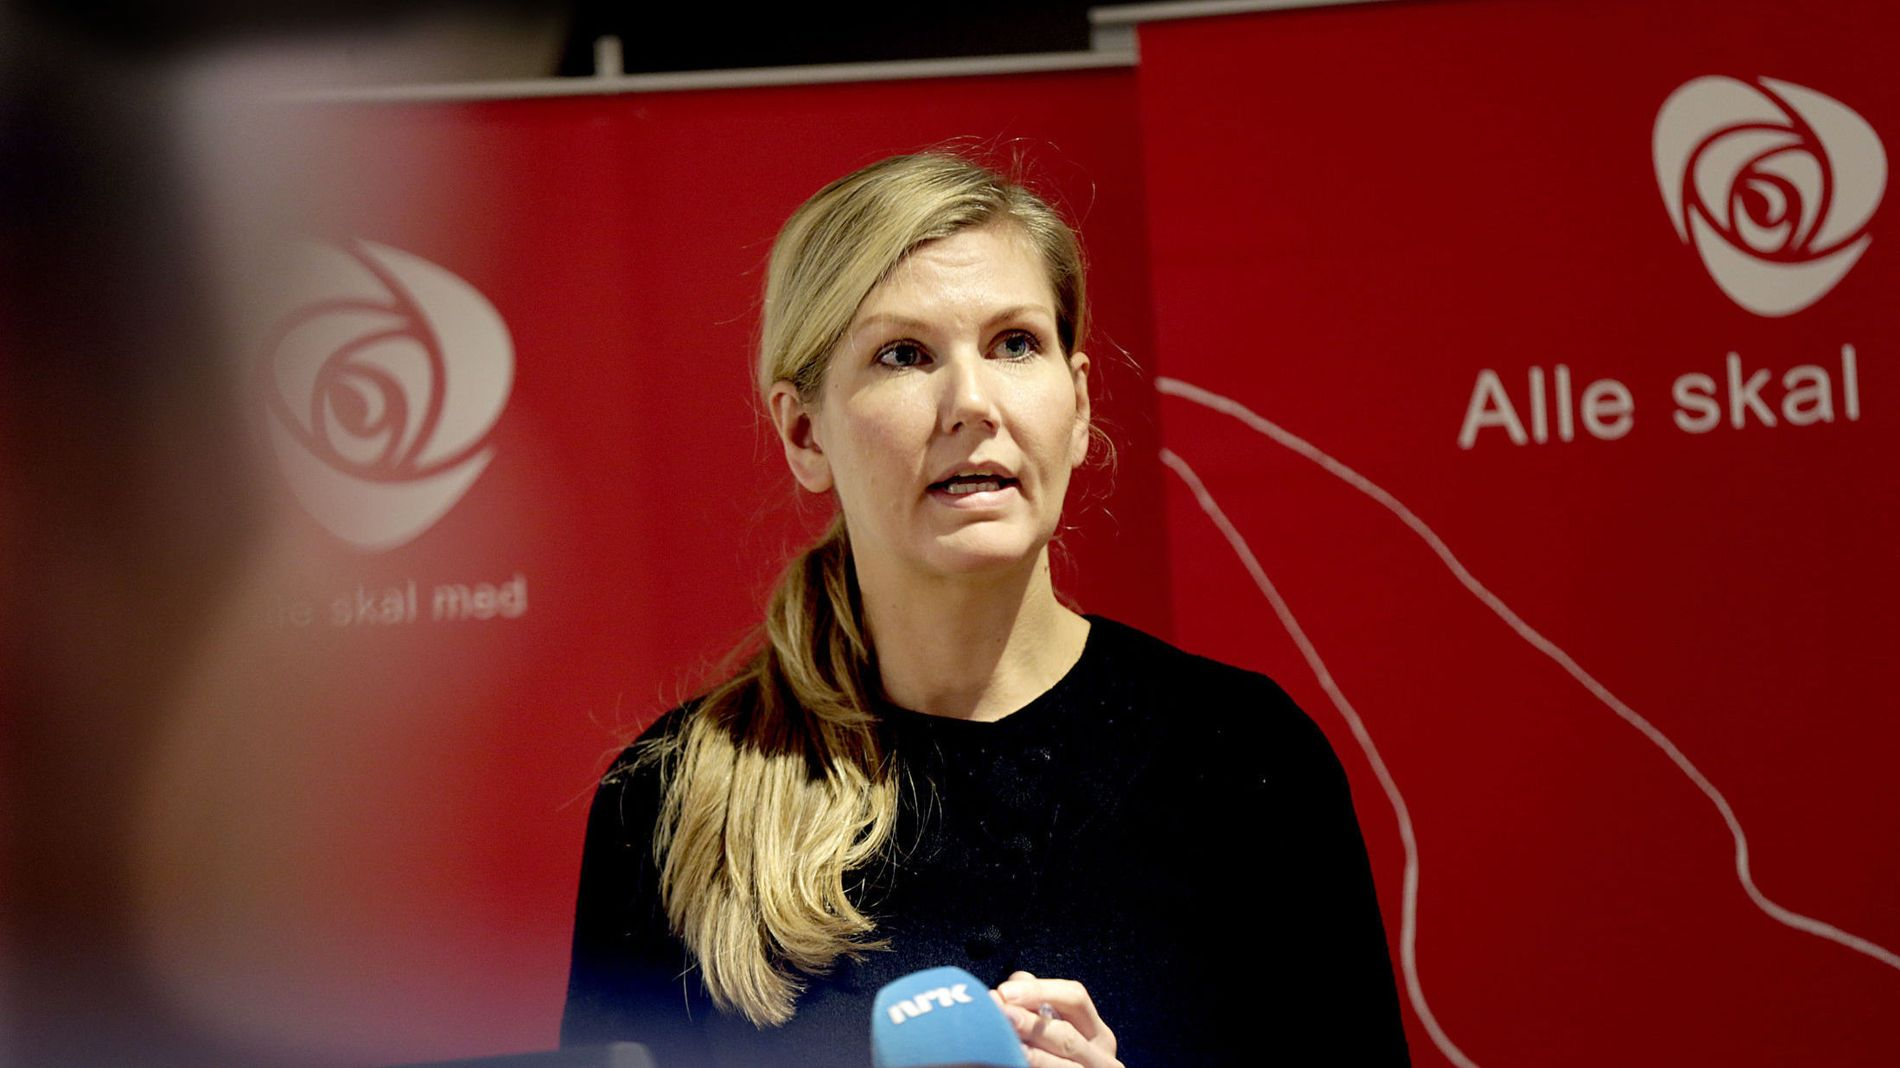 INTERNASJONALT: - En stadig mer frittflytende kapital globalt, har gitt det norske skattesystemet økende utfordringer, mener Arbeiderpartiets Marianne Marthinsen.